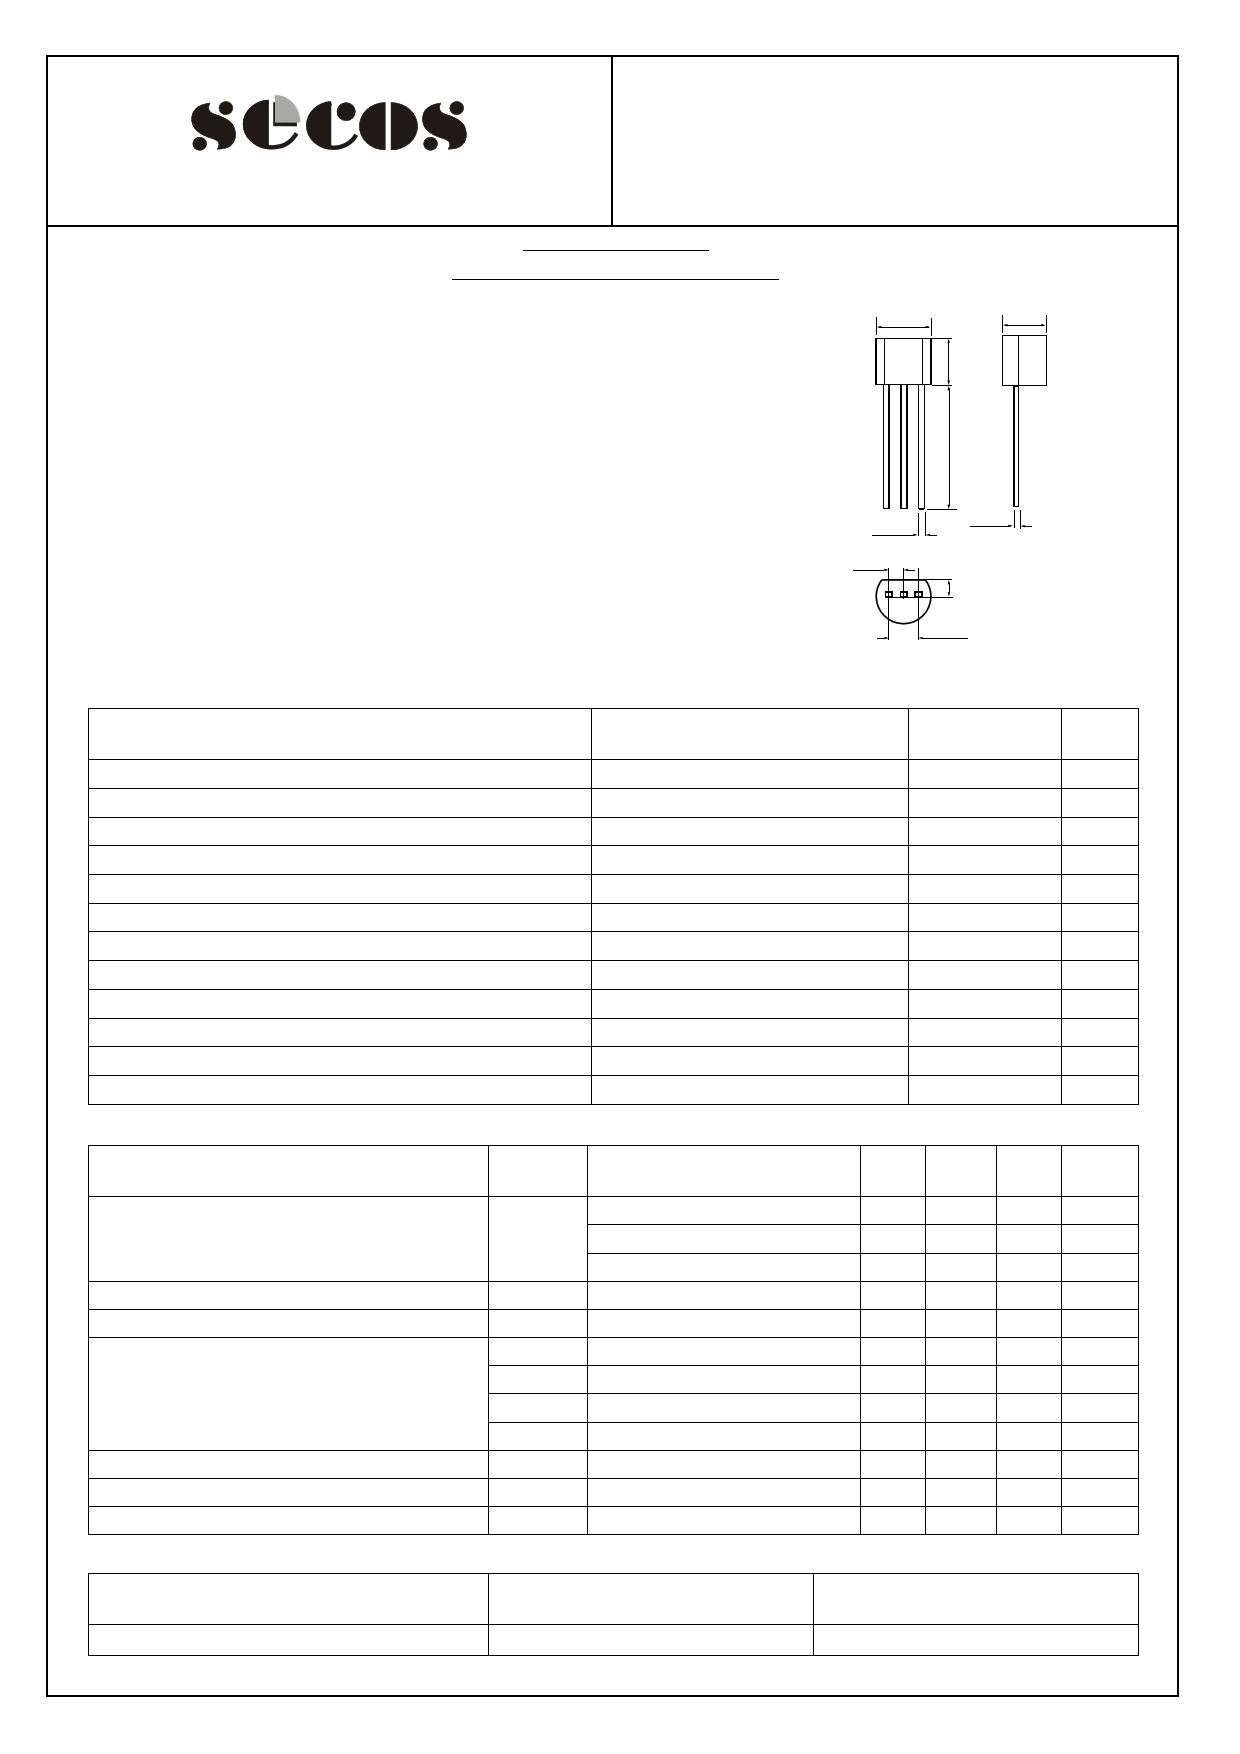 BC638 데이터시트 및 BC638 PDF